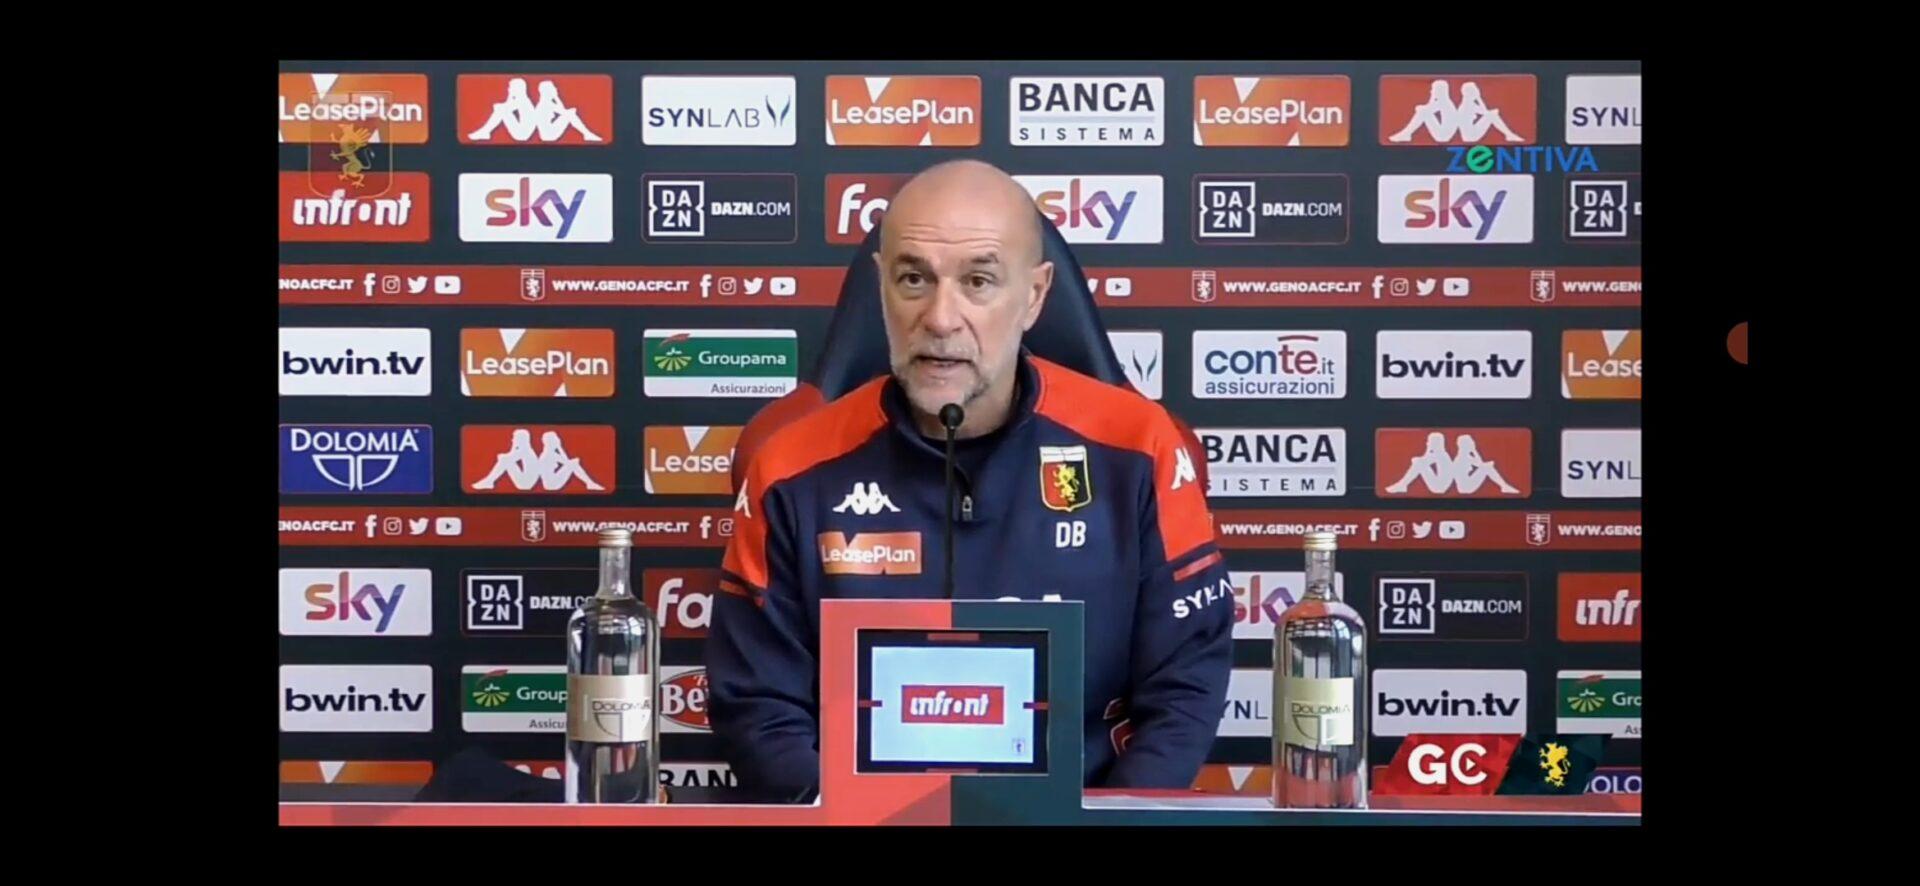 Genoa-Sampdoria, Ballardini